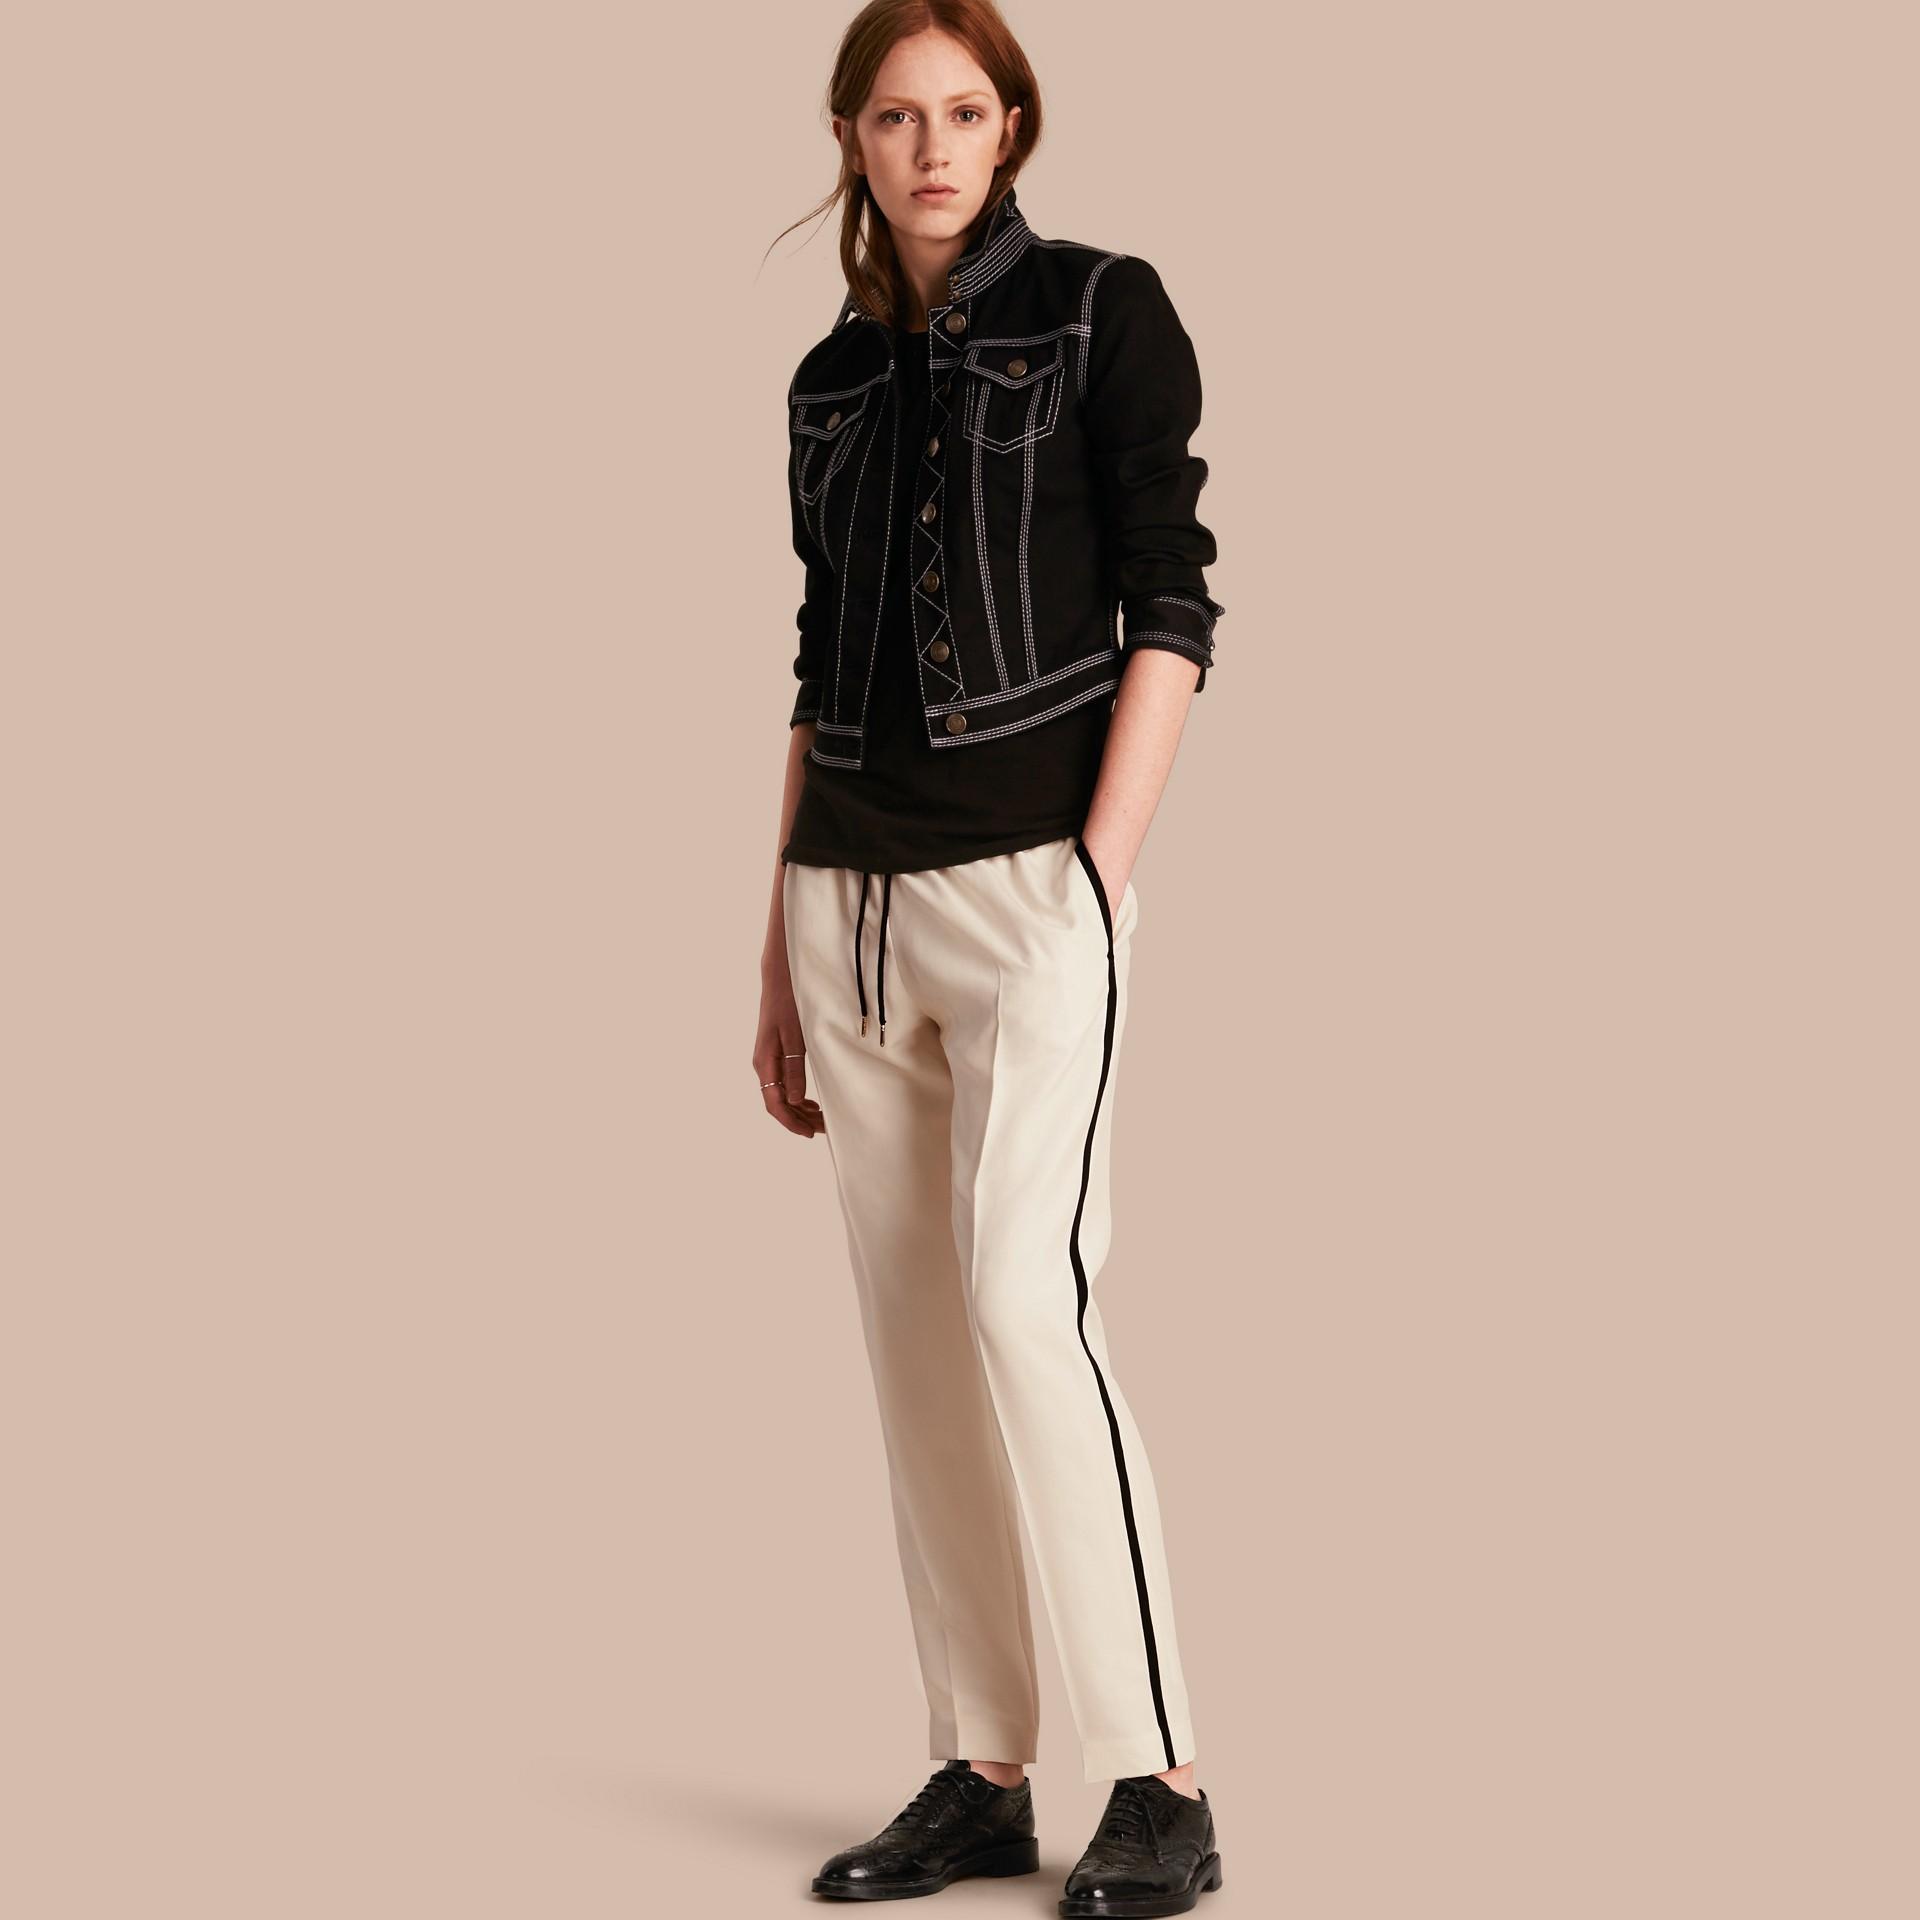 Parchemin Pantalon de survêtement ajusté en soie - photo de la galerie 1